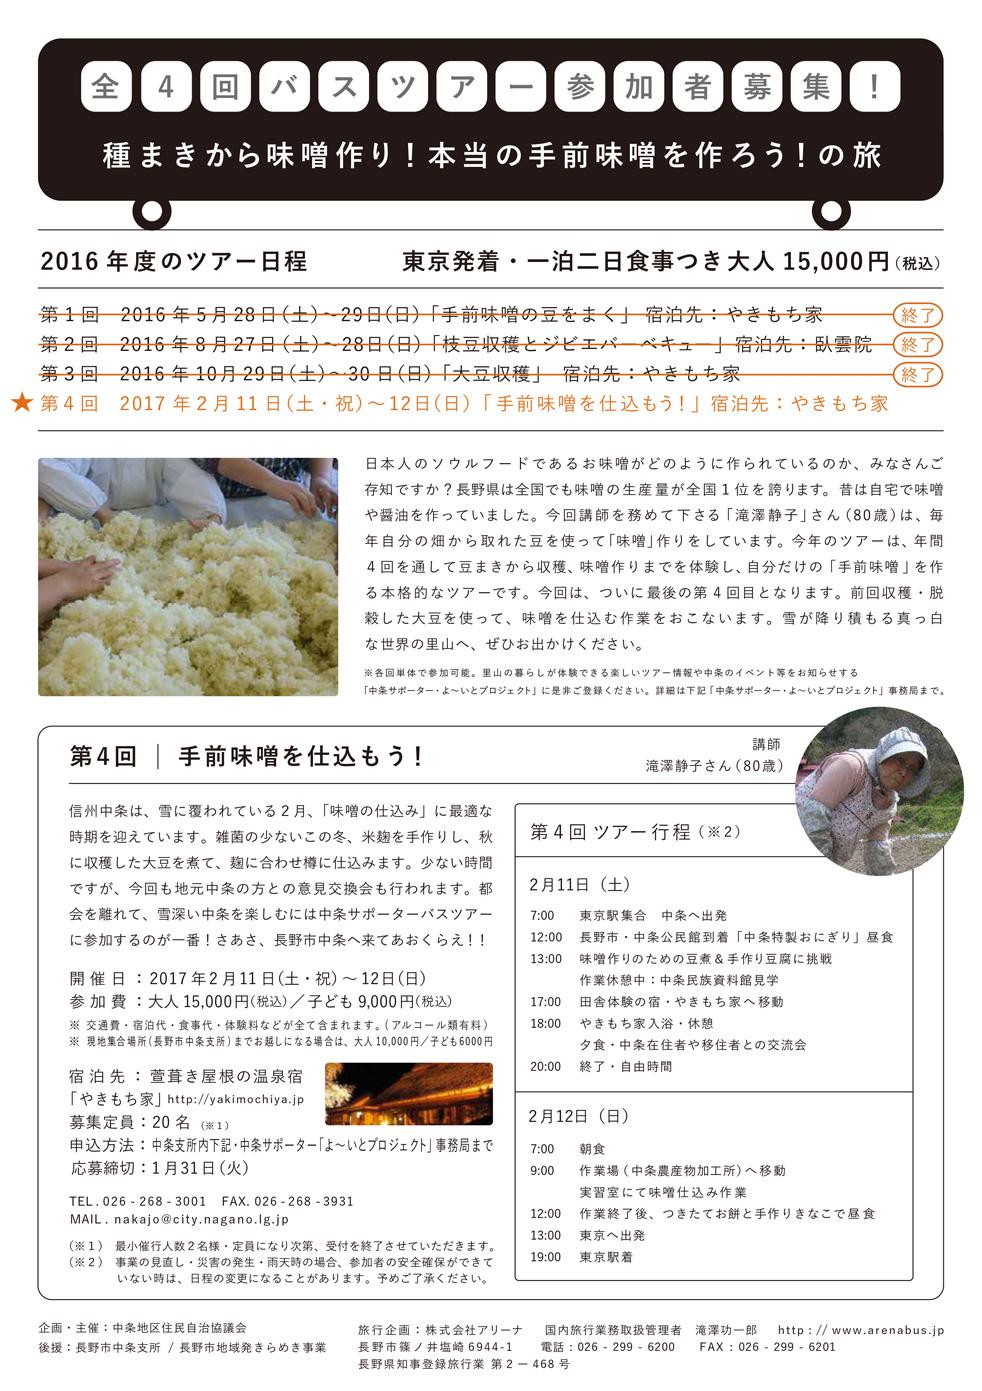 yoito_vol04_02